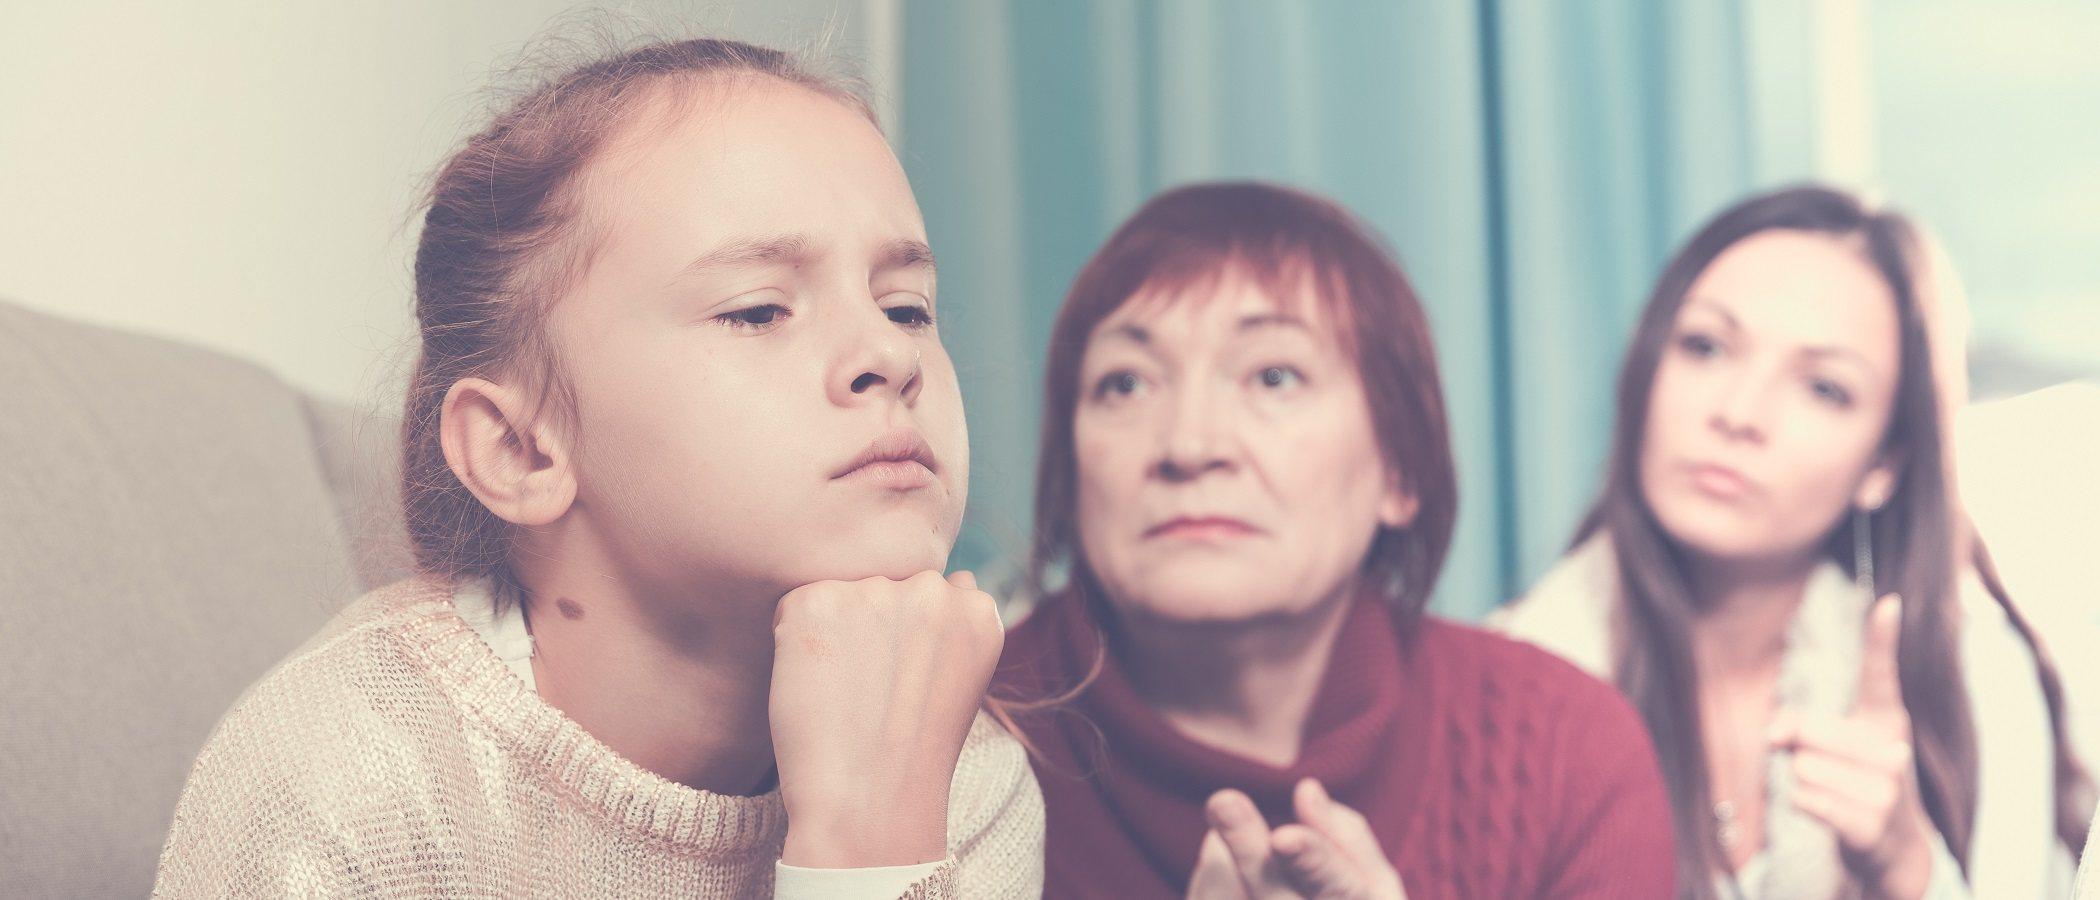 Disciplina efectiva para niños de 9 años